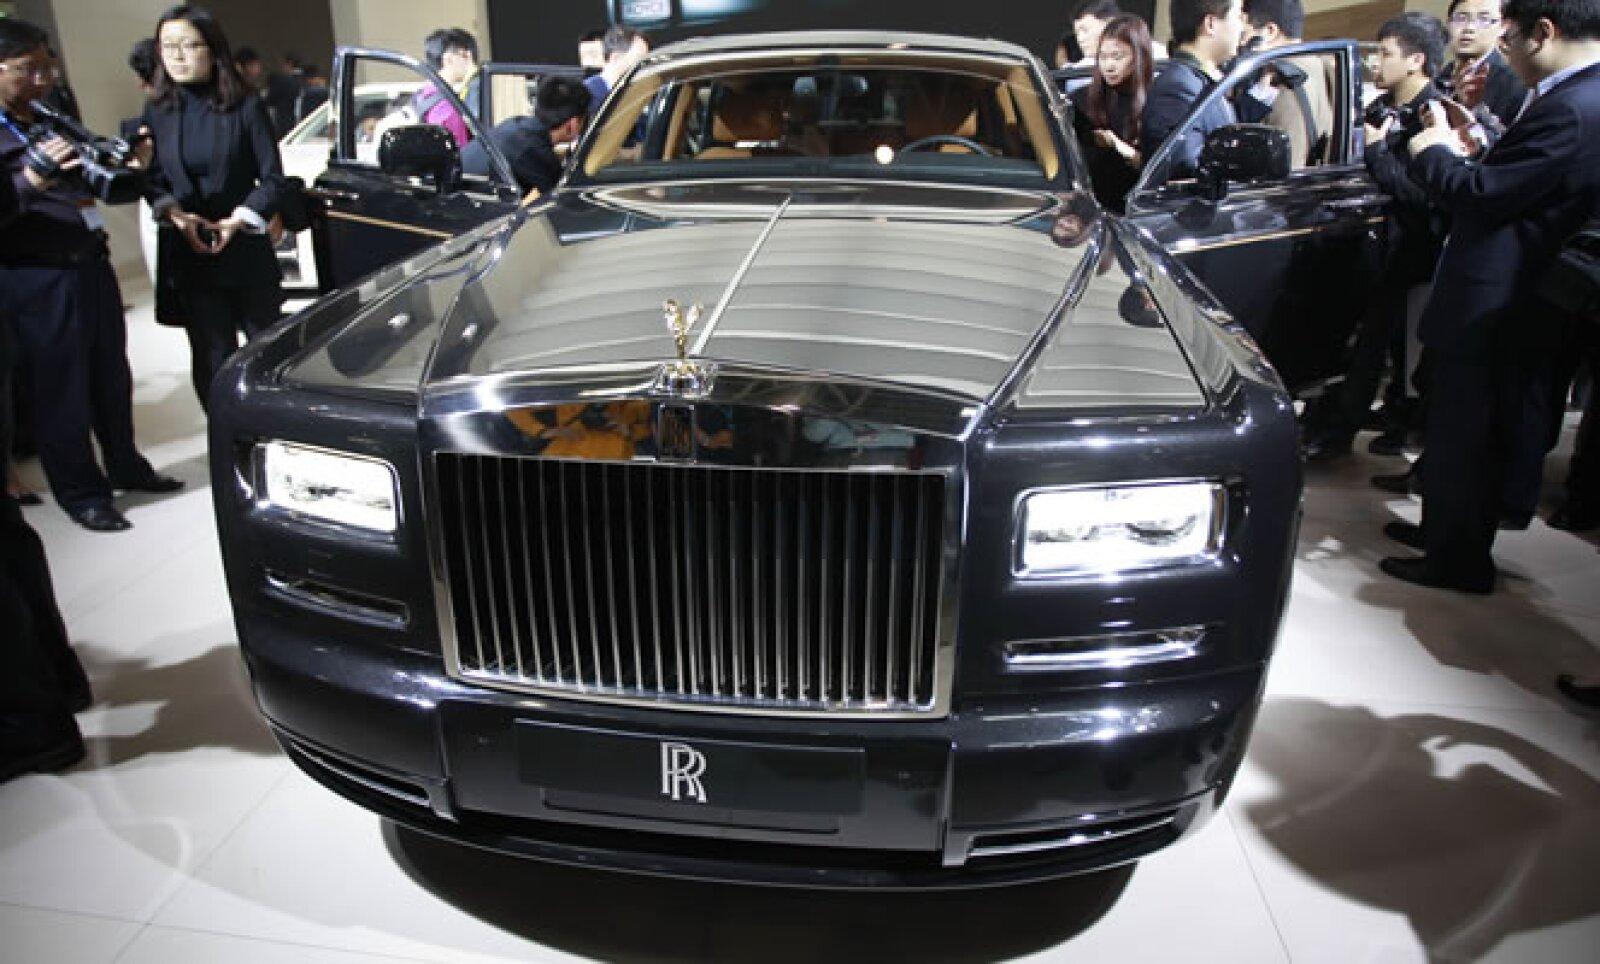 La Feria del Automóvil en China inició el 23 de abril y mostrará 1,125 modelos de autos hasta el 27 de abril.